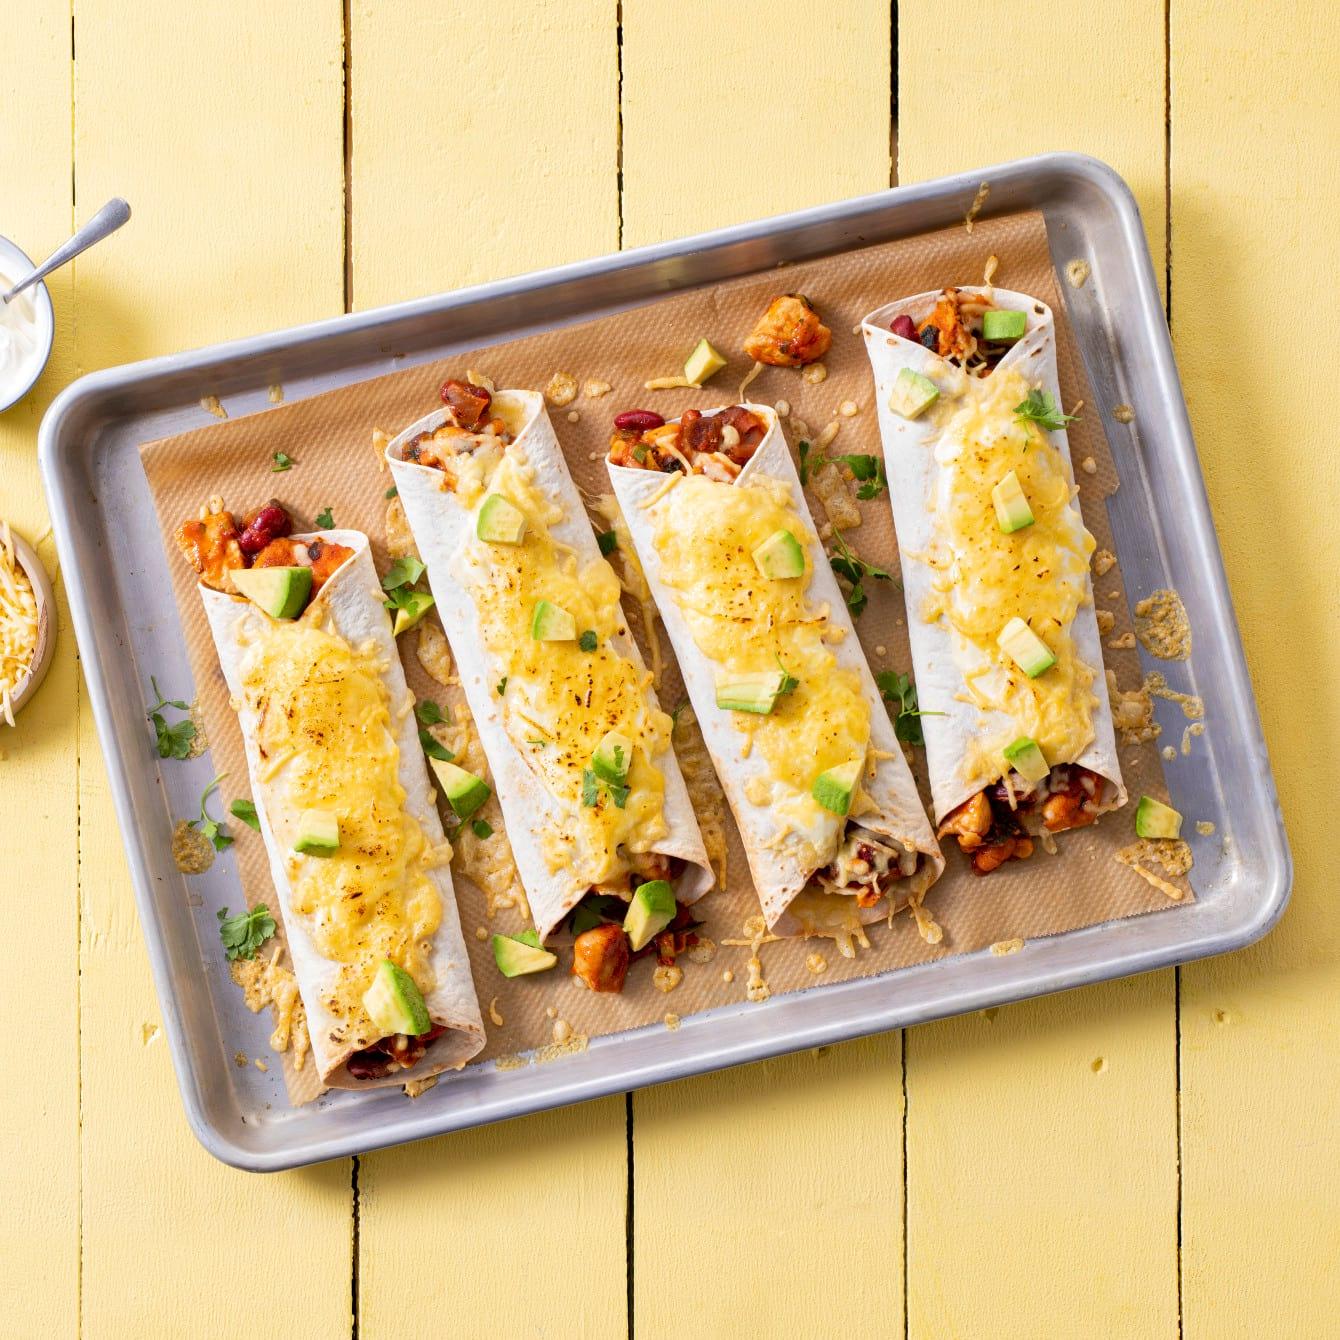 Gegratineerde burrito's uit de oven